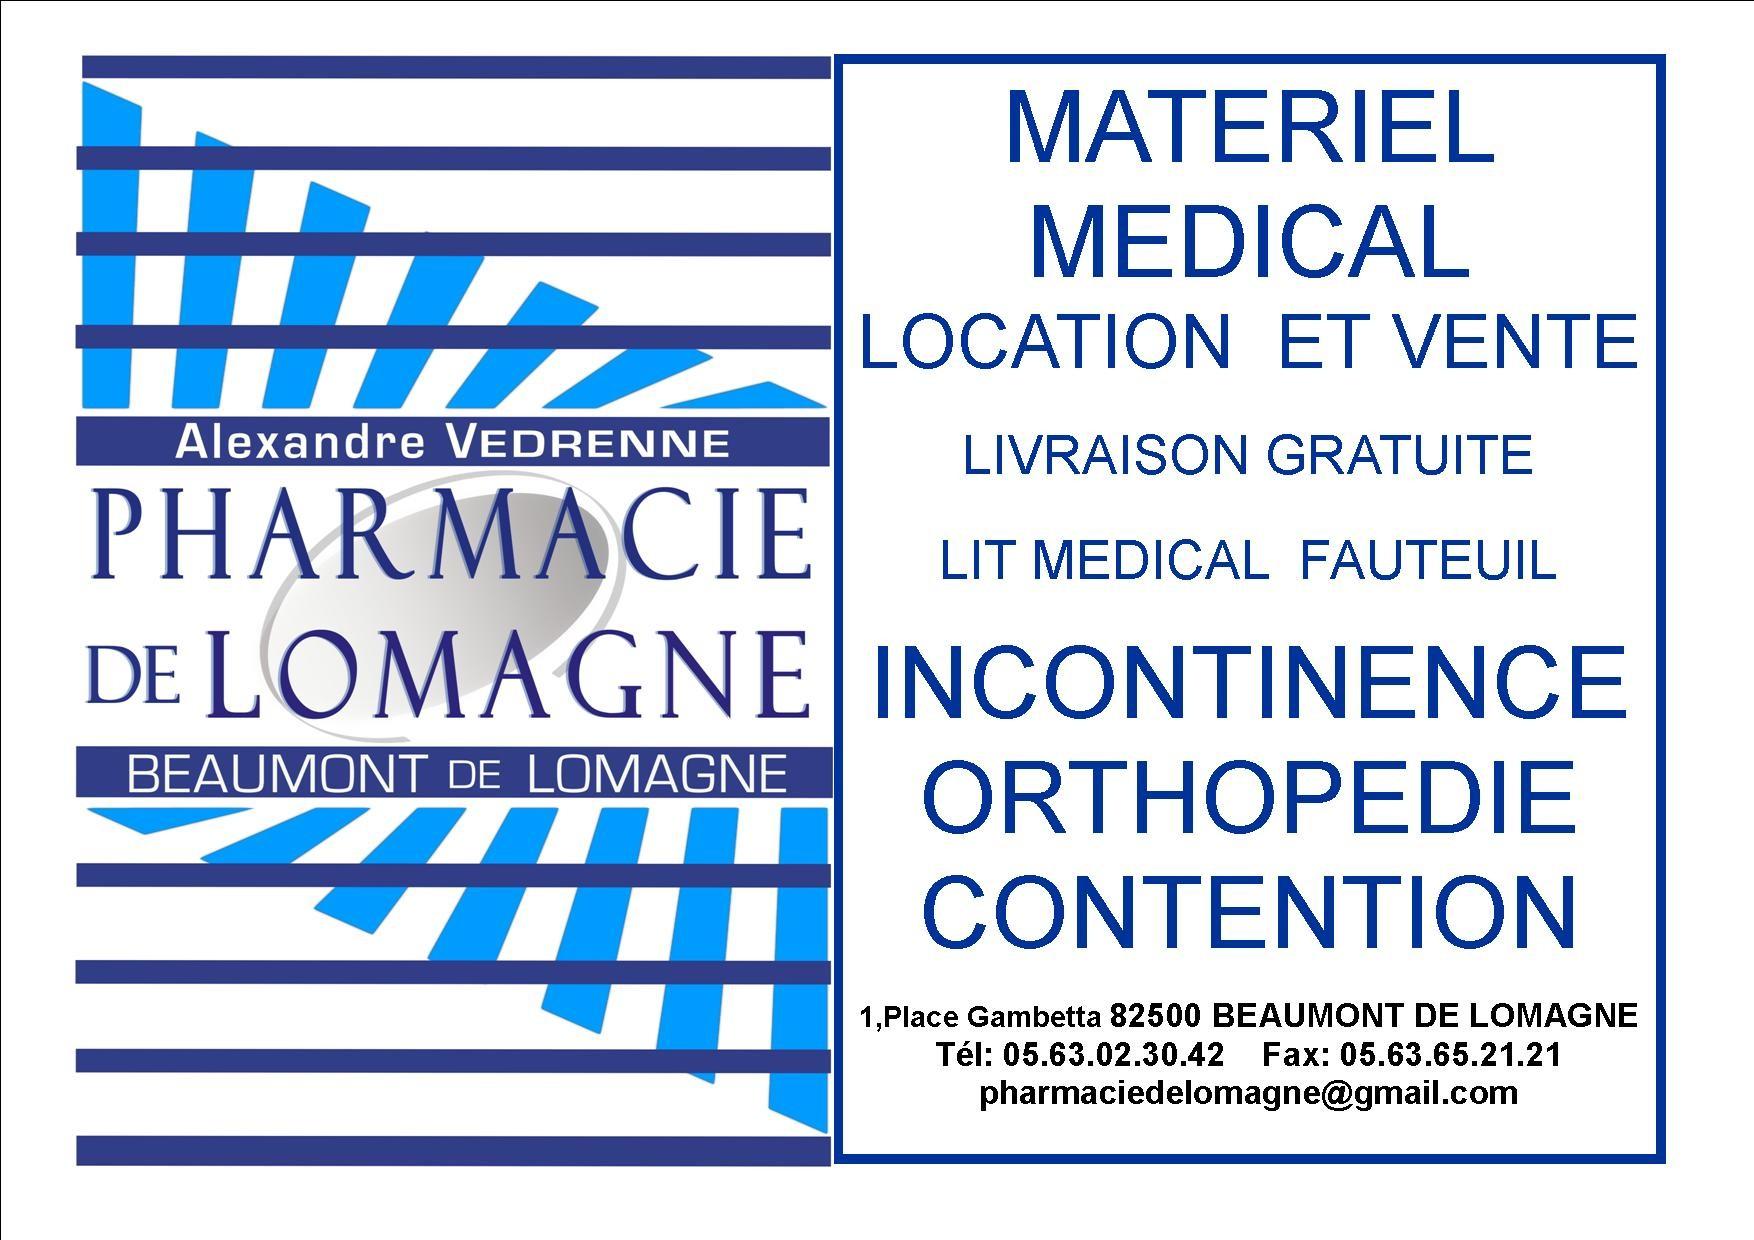 Pharmacie de Lomagne - Alexandre VEDRENNE